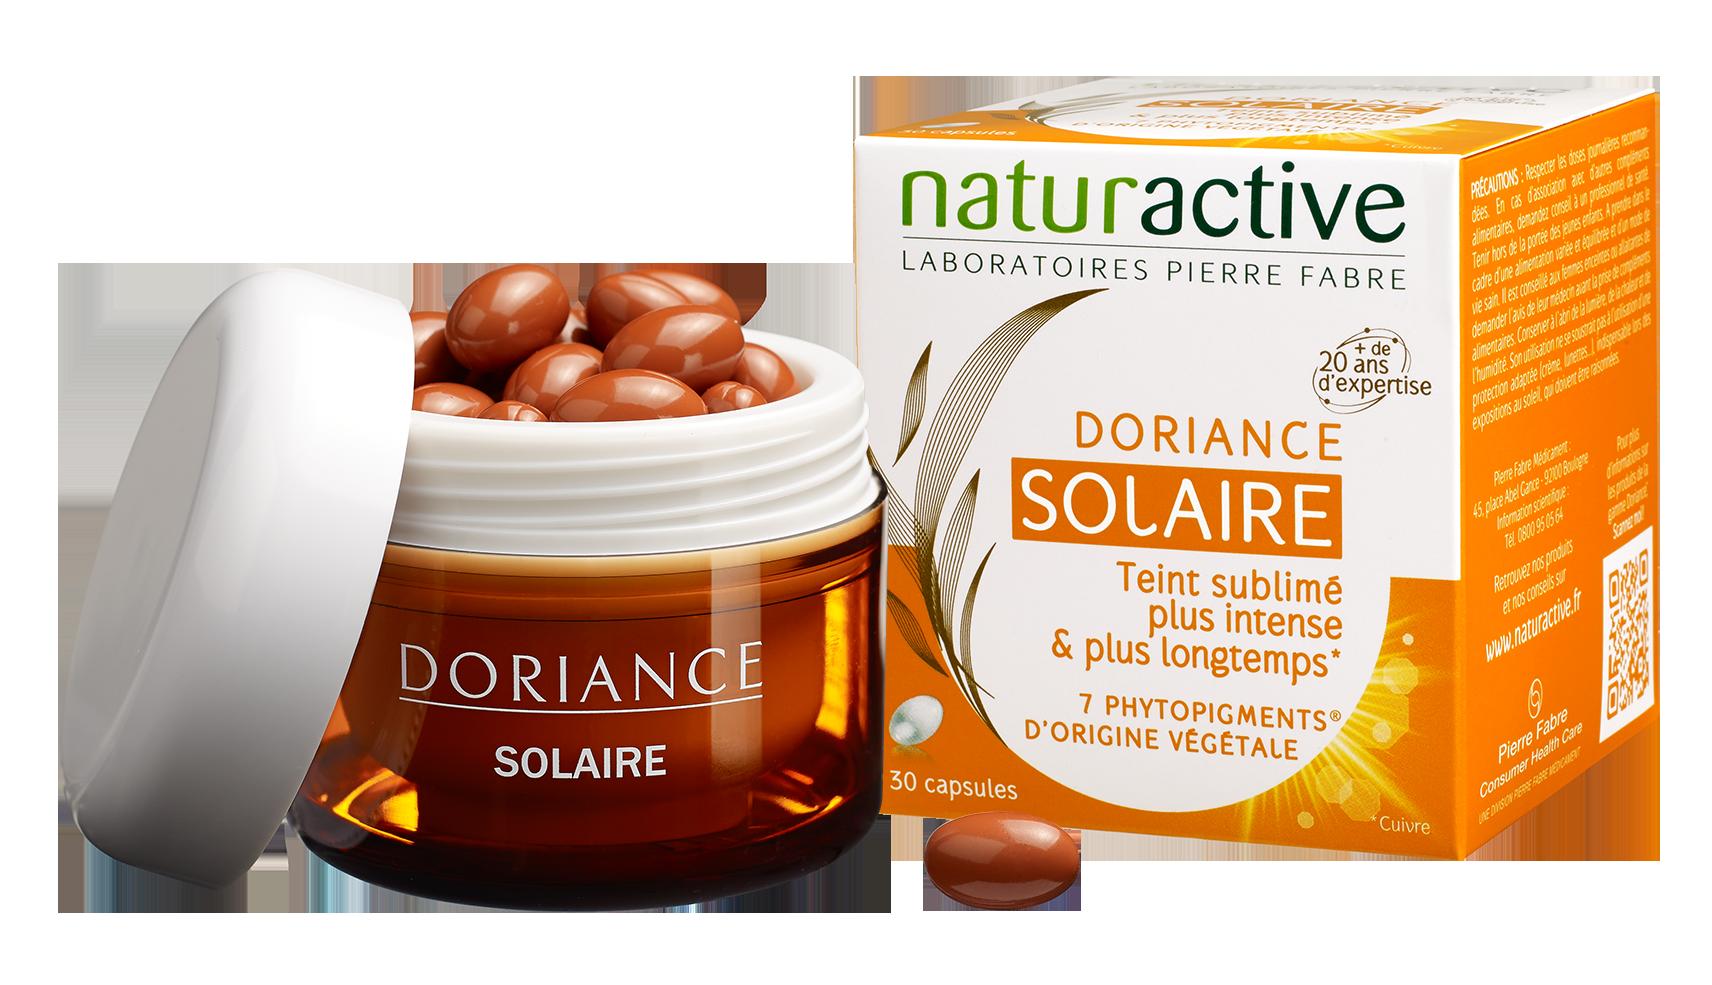 Doriance_Solaire_etui_et_pot_201601